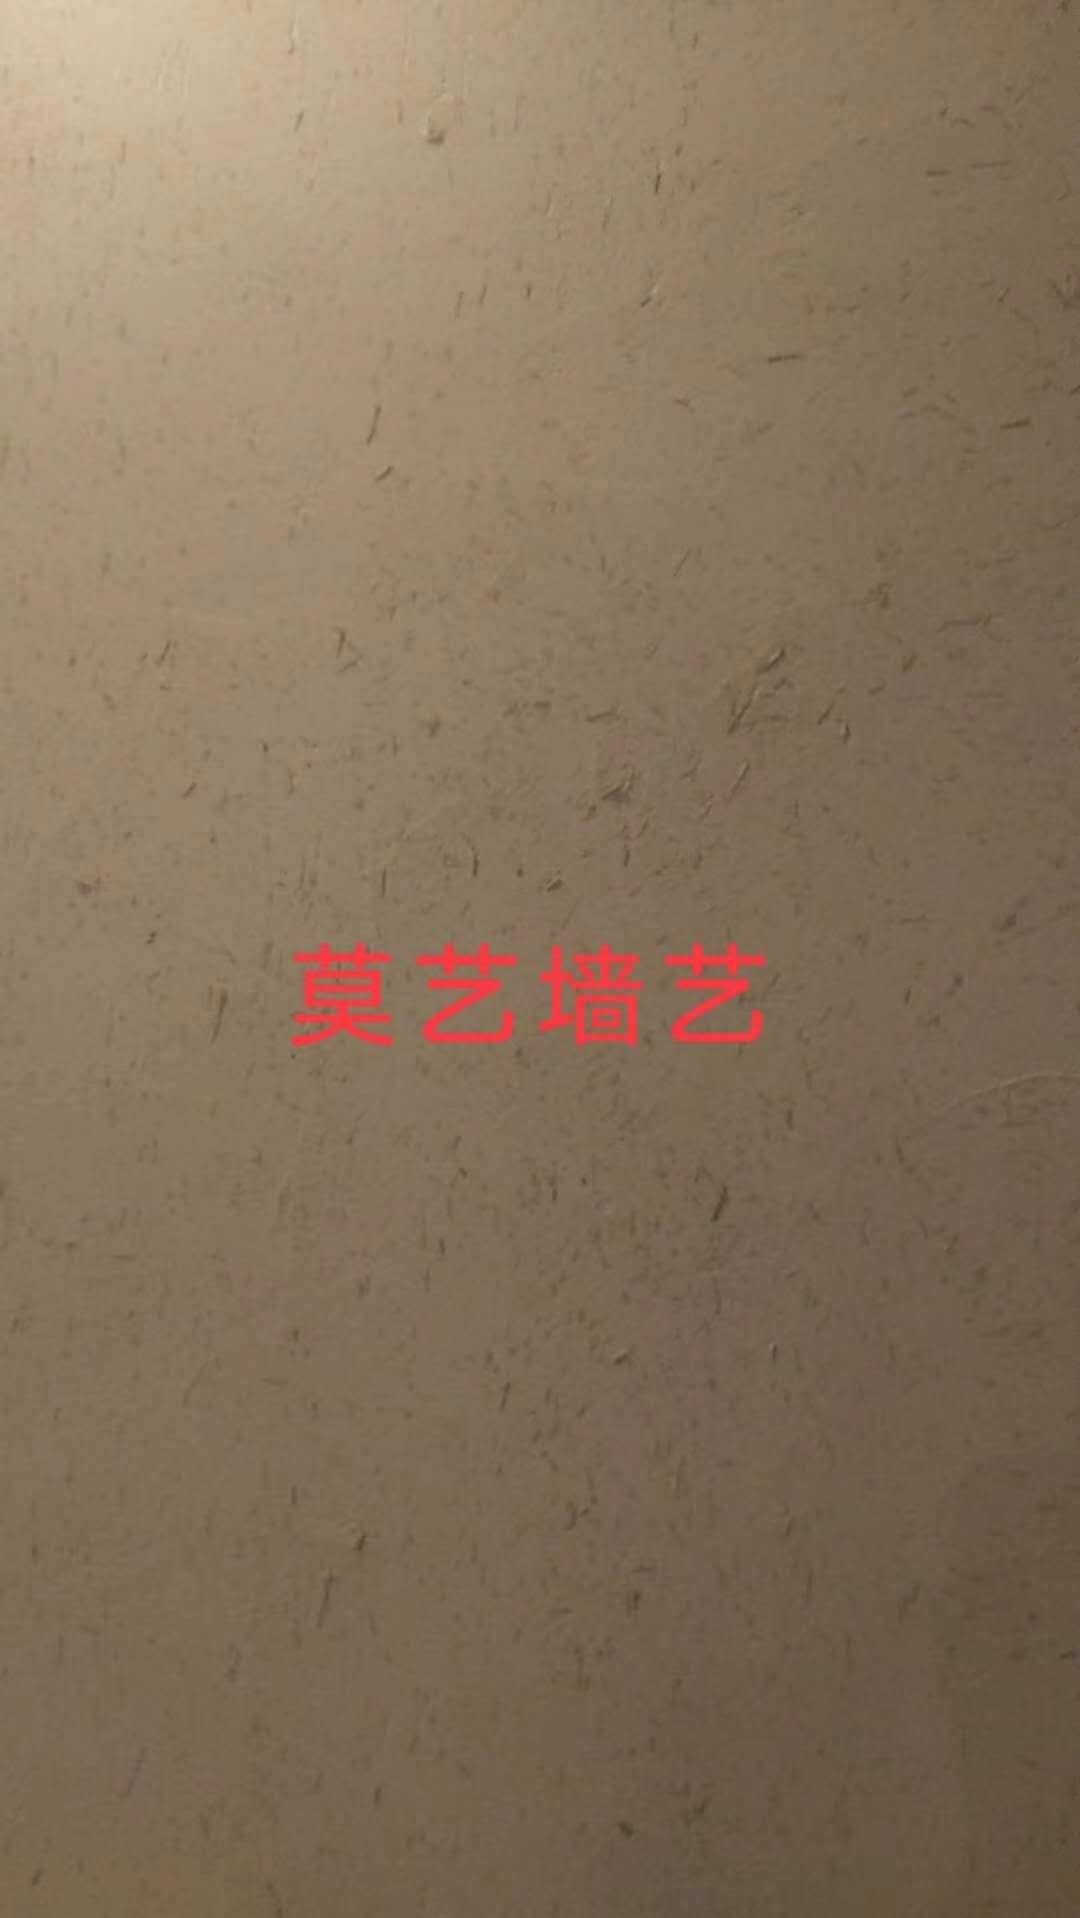 上海徐家汇打浦桥日月光中心音乐餐厅稻草漆施工